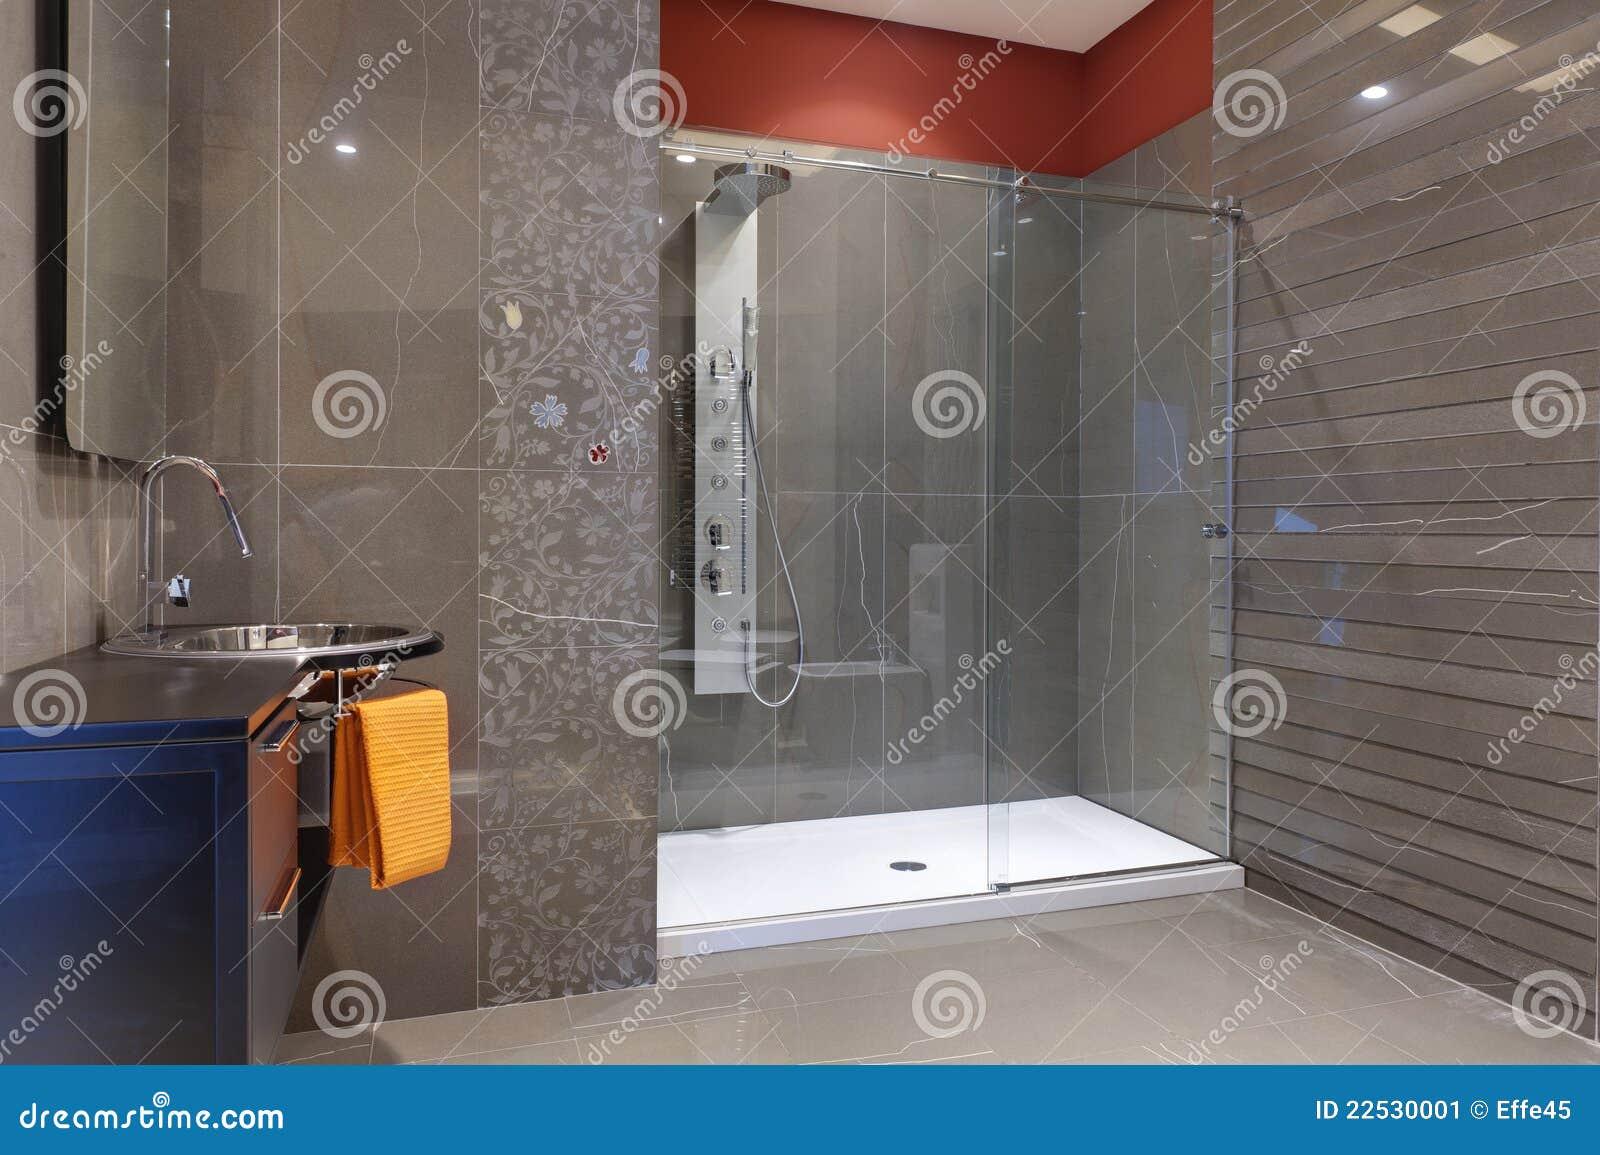 #AD681E Banheiro Luxuoso Moderno Imagem de Stock Imagem: 22530001 1300x955 px Banheiro Luxuoso 2835